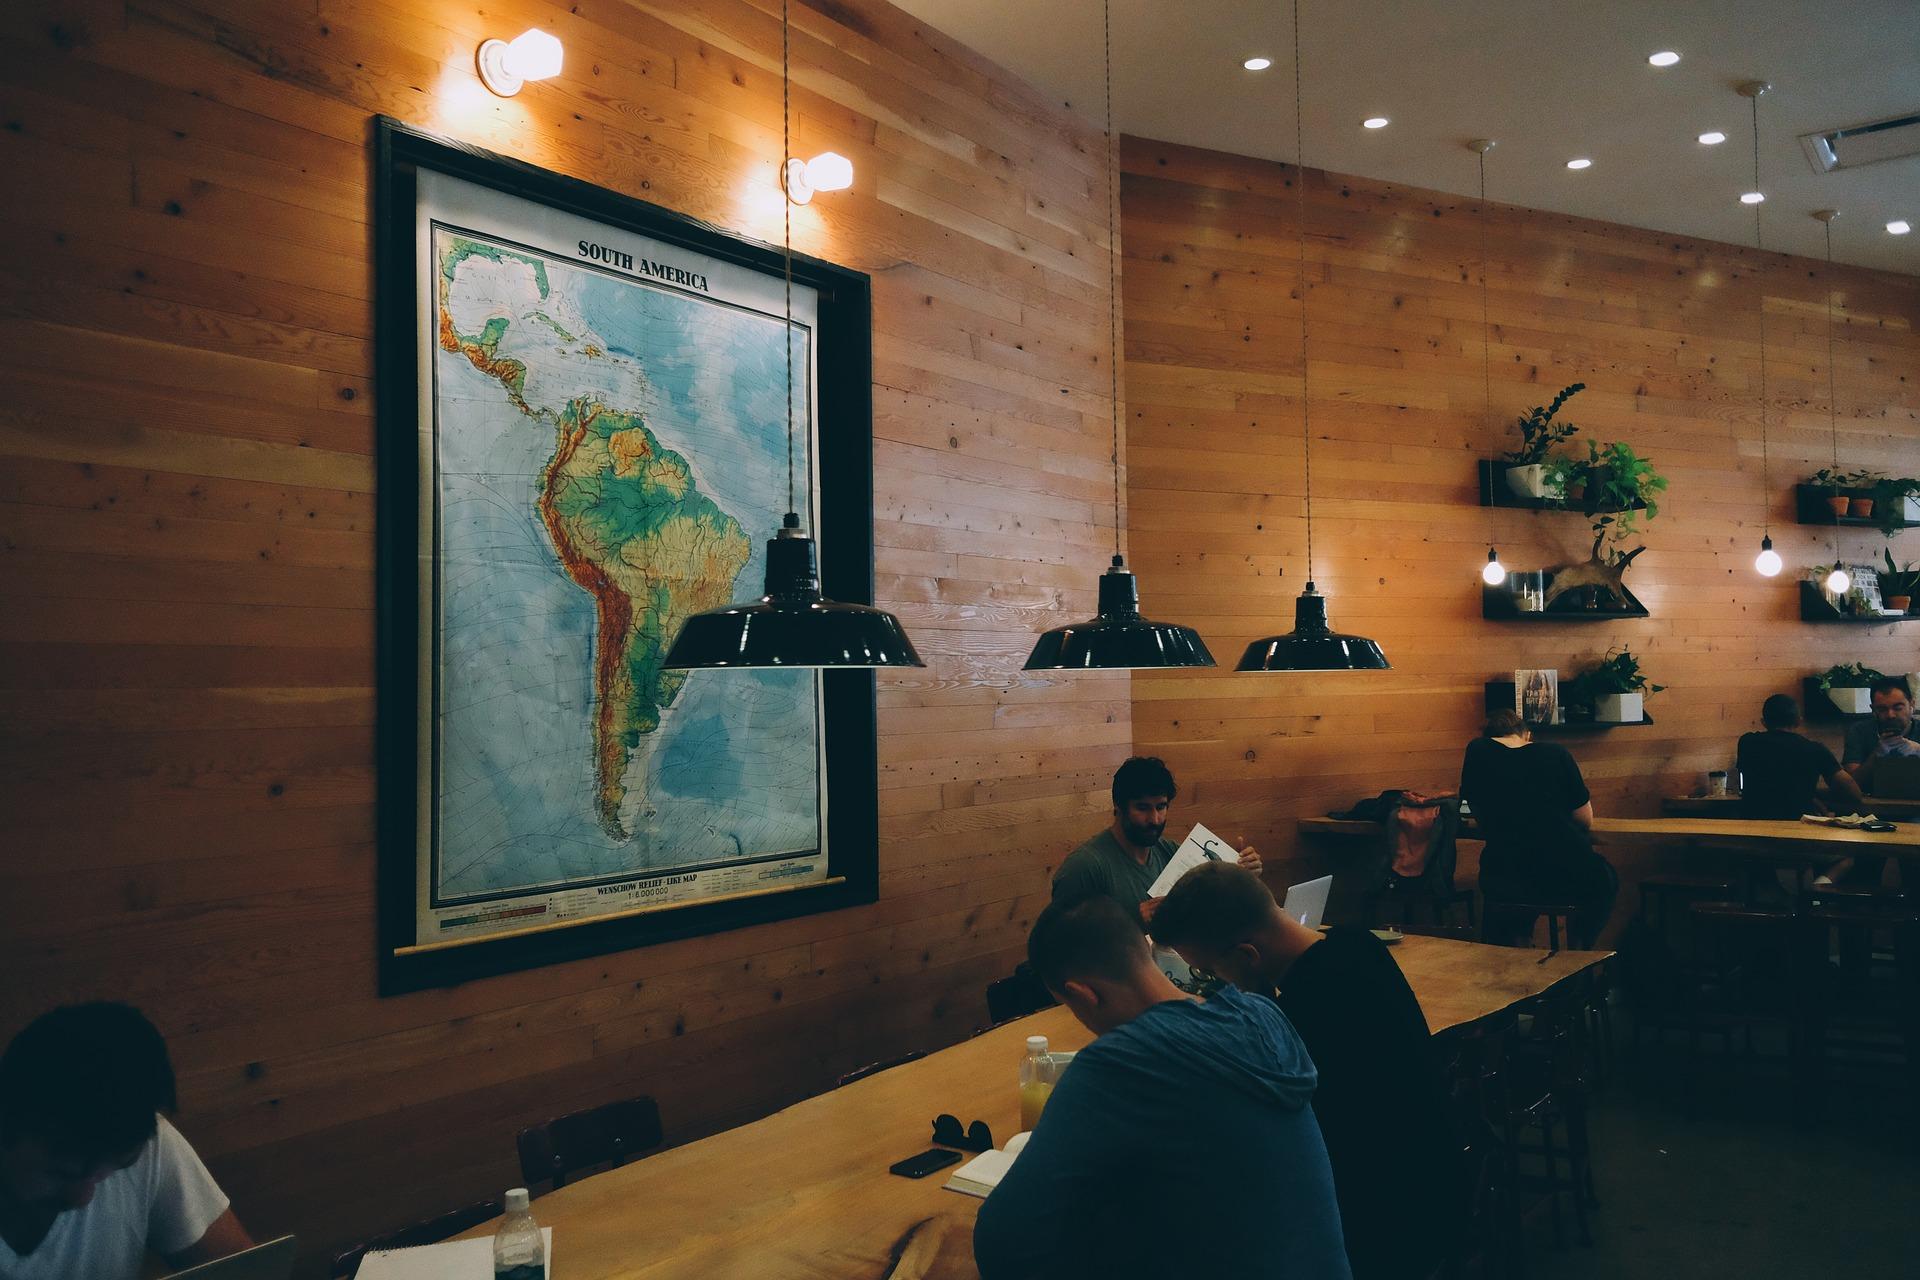 A foto mostra uma sala com várias pessoas estudando. Elas dividem uma longa mesa de madeira. Ao centro, um grande mapa com a foto da América Latina.